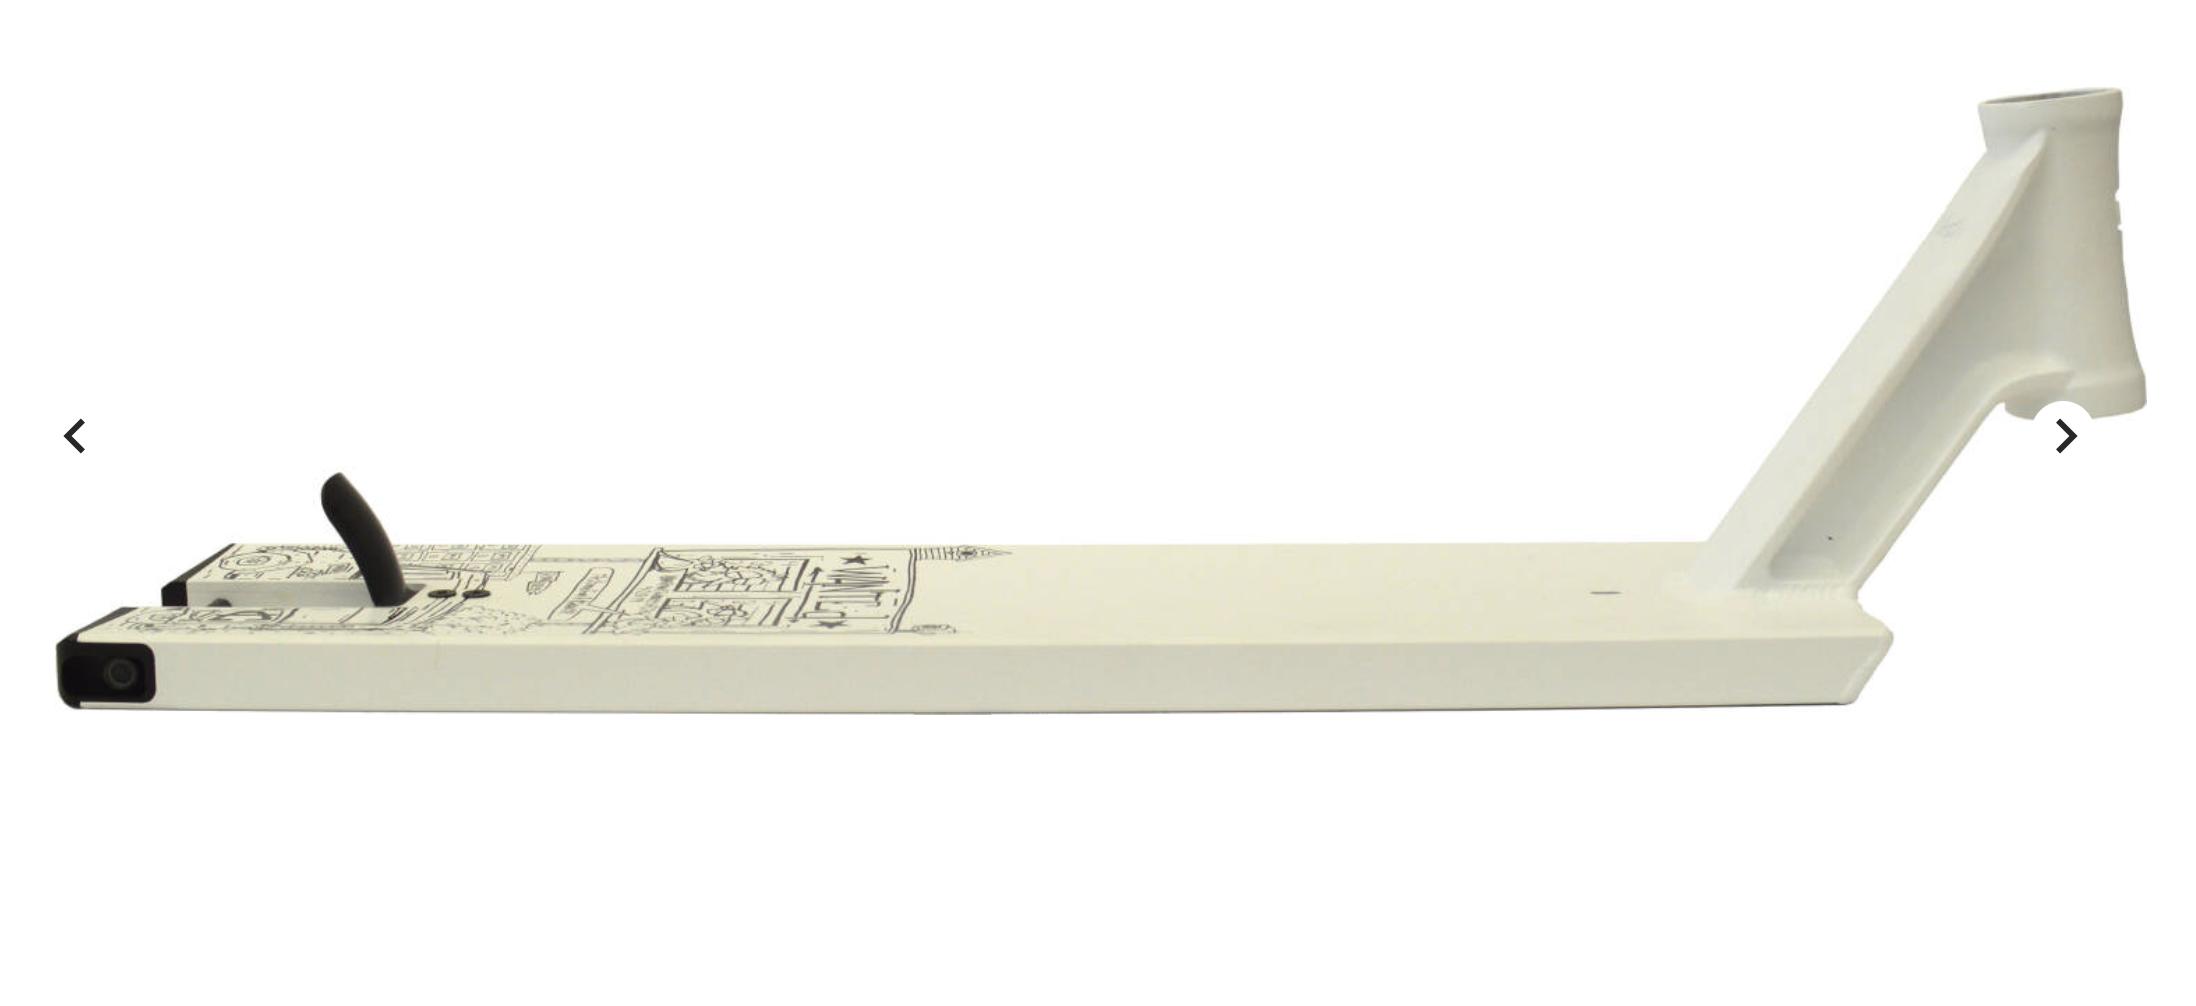 North Horizon Signature Deck